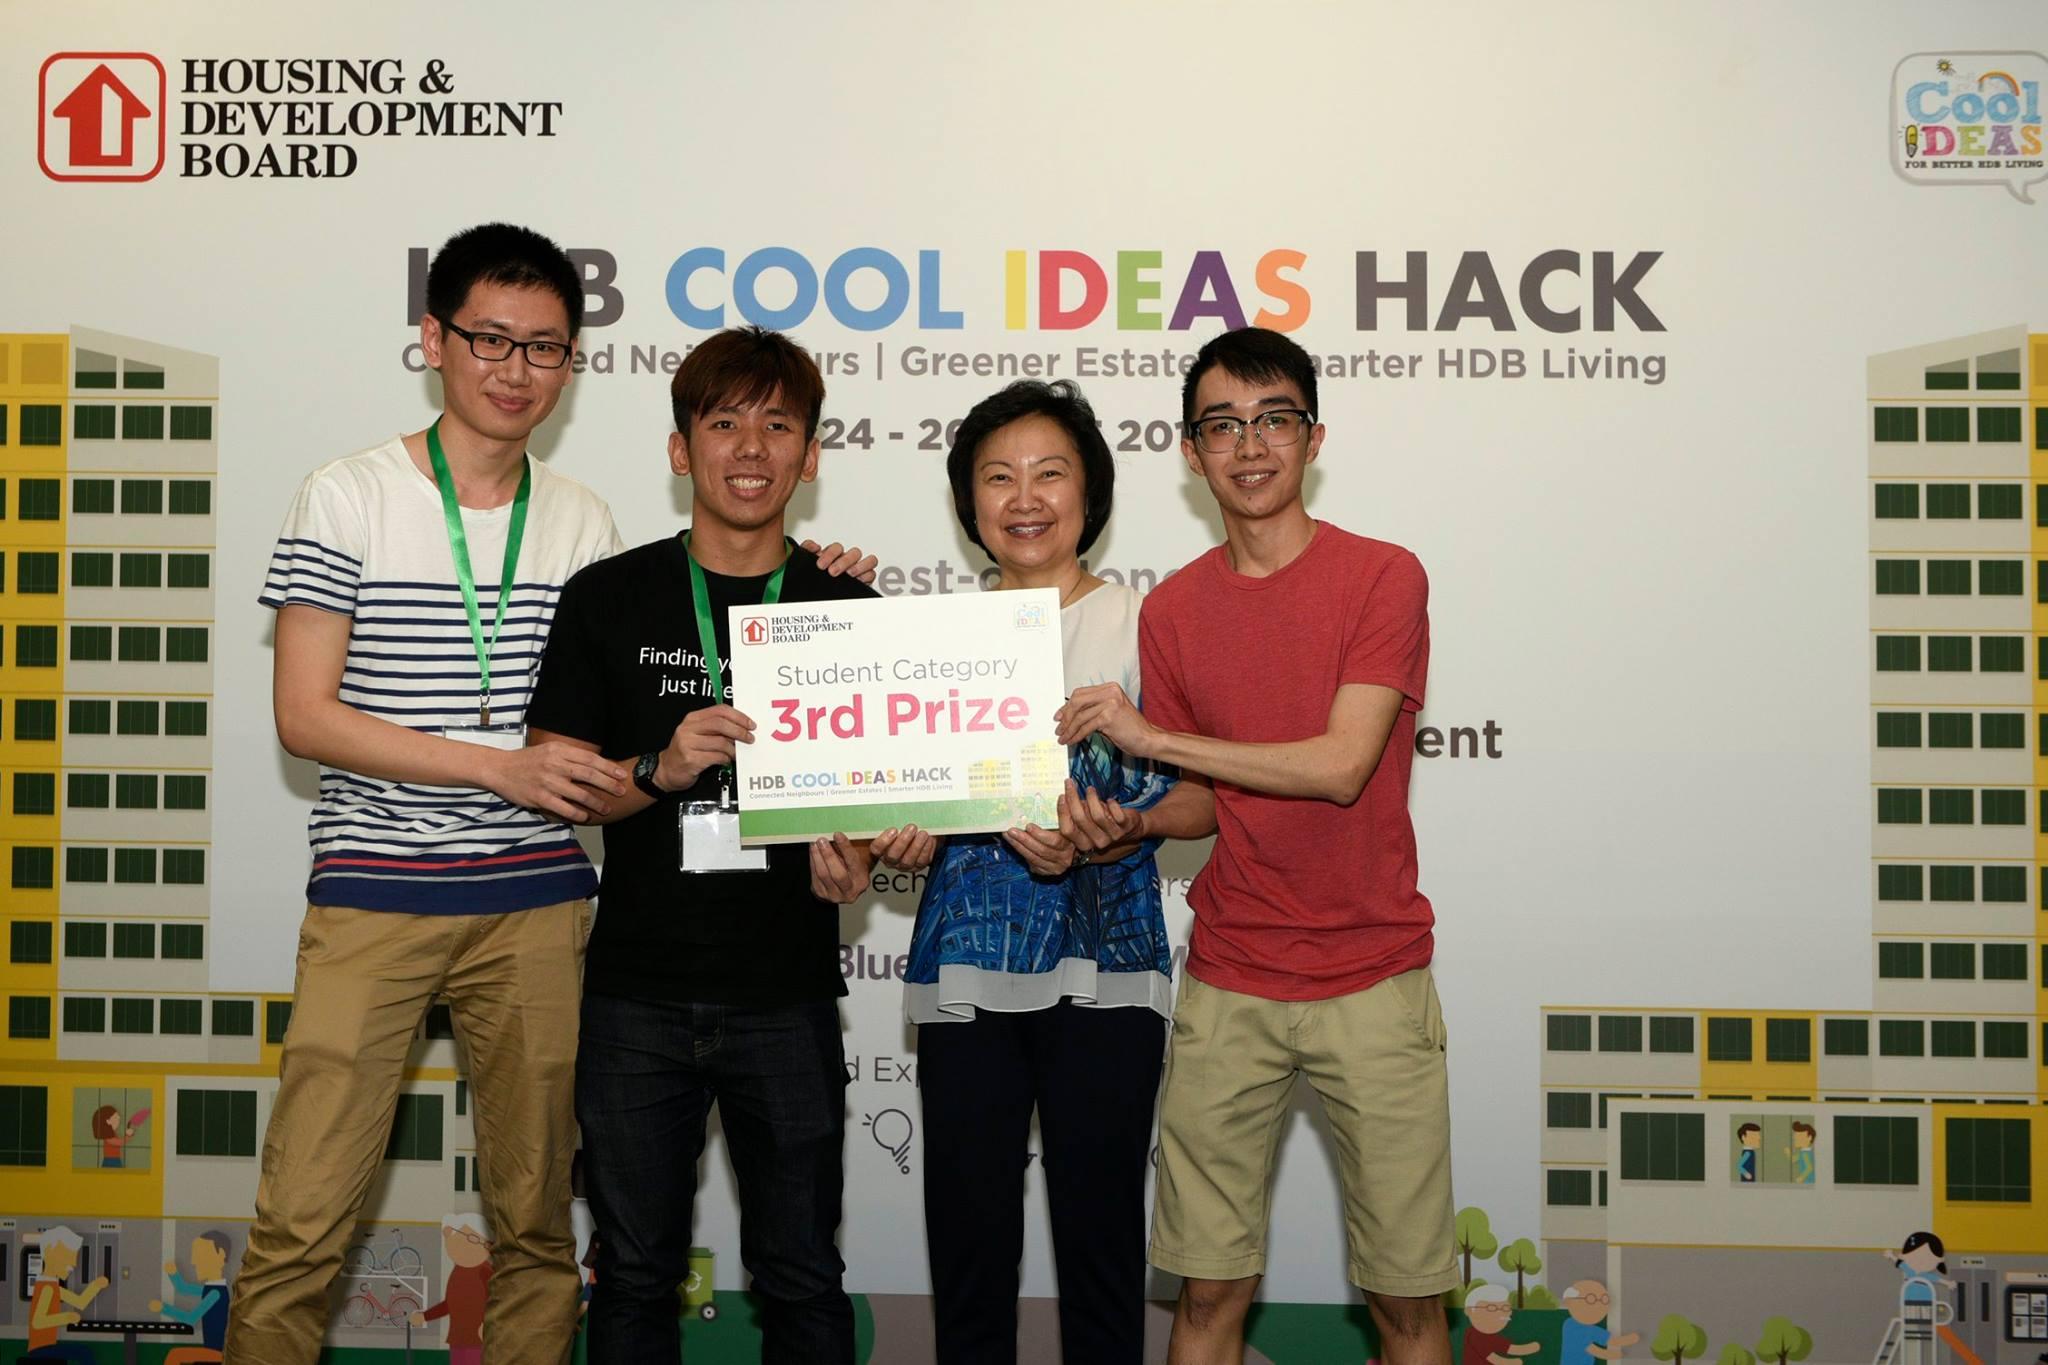 HDB Cool Ideas Hack 2016